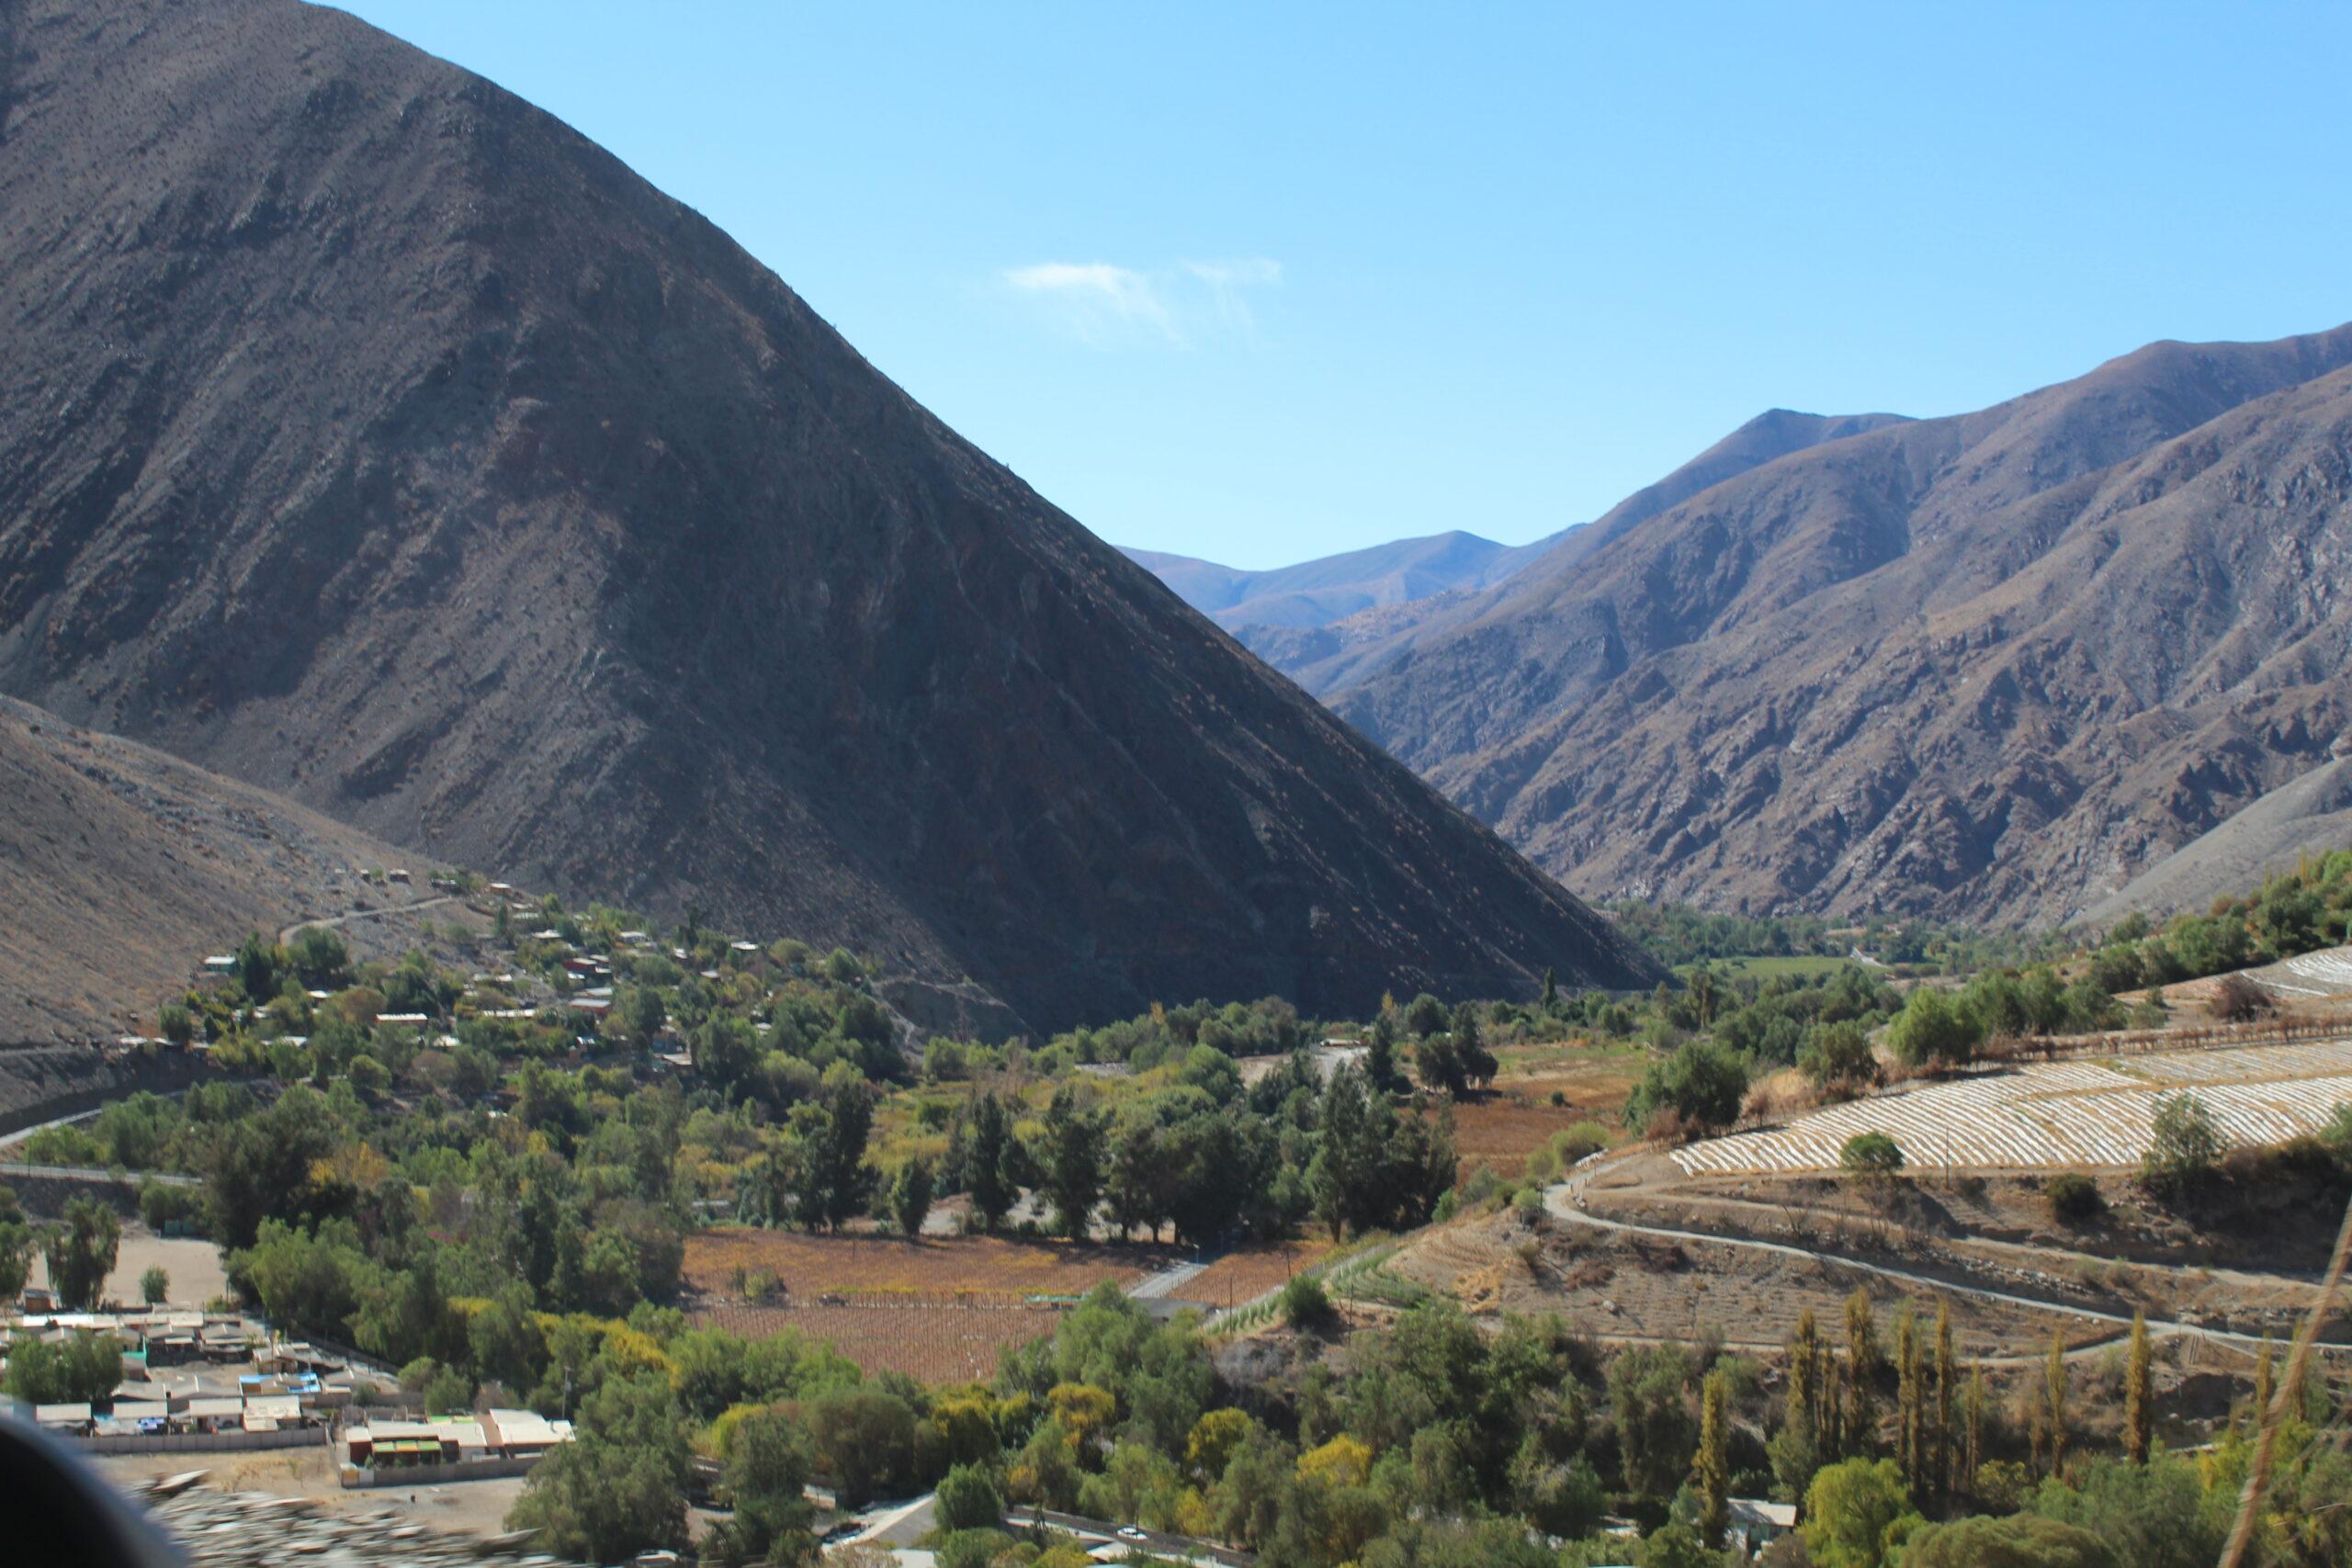 Seremi del Medio Ambiente invitó a las comunidades indígenas de los valles de El Tránsito y San Félix a participar de consulta indígena de Norma Secundaria